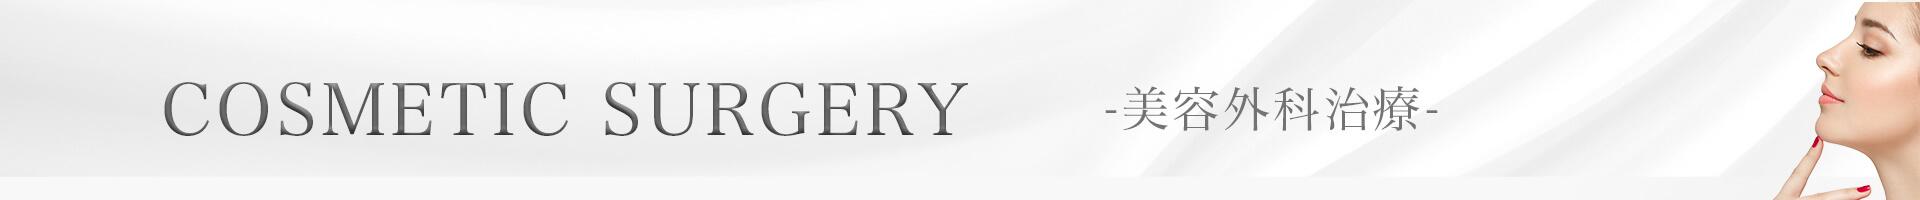 COSMETIC SURGERY -美容外科治療-